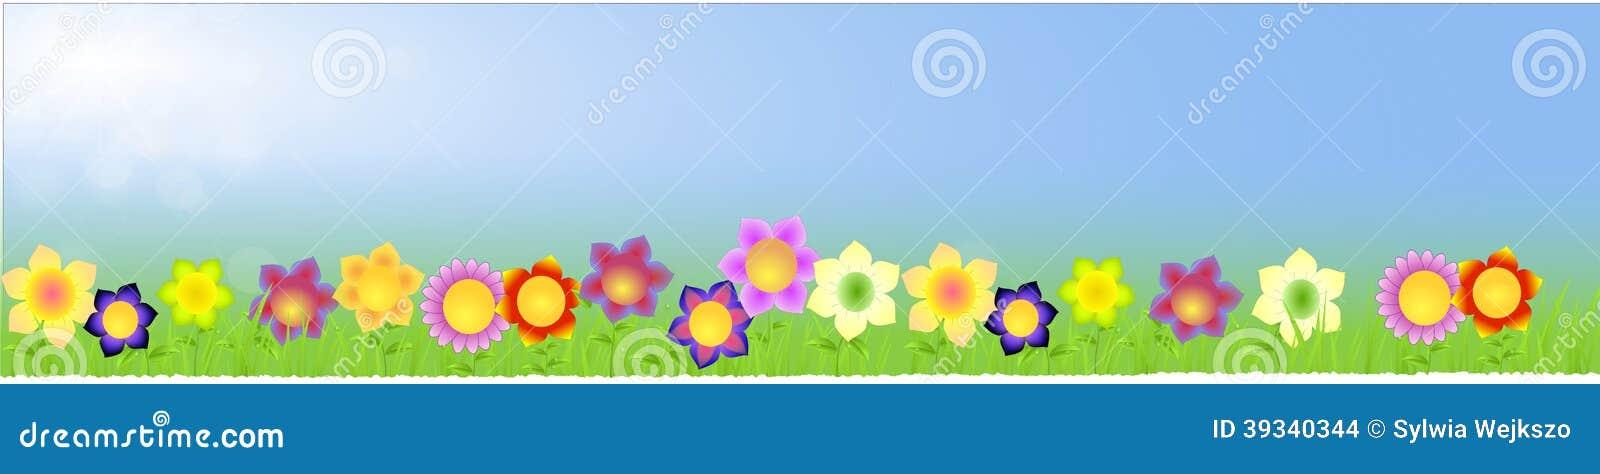 Sztandar z dużymi kwiatami na wiosny tle